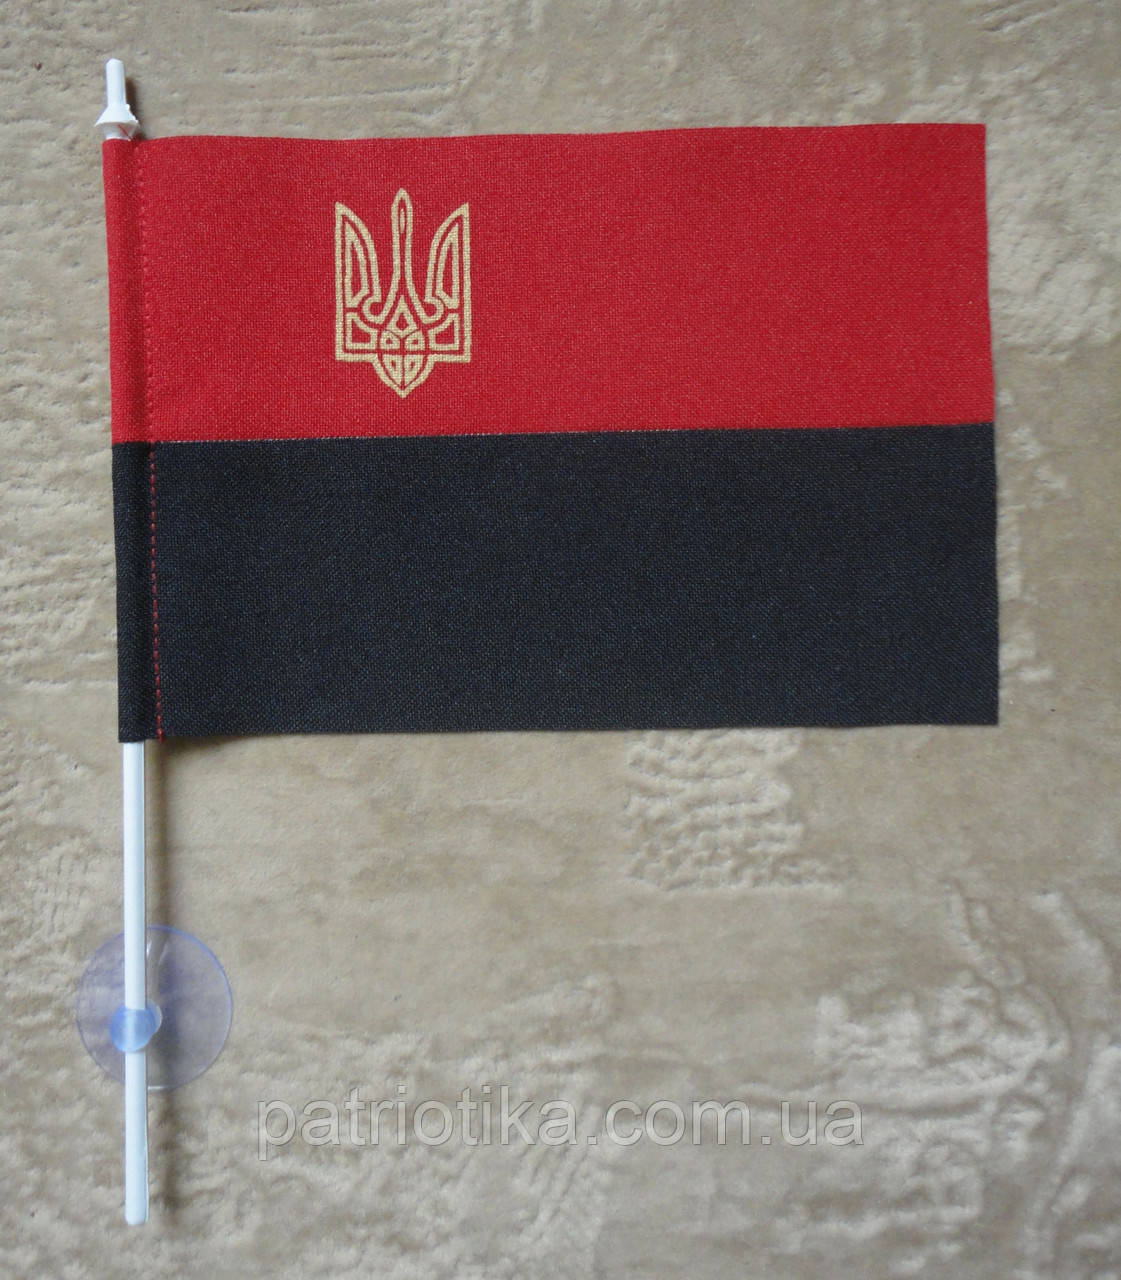 Флажок УПА | Прапорець УПА 10х15 см габардин